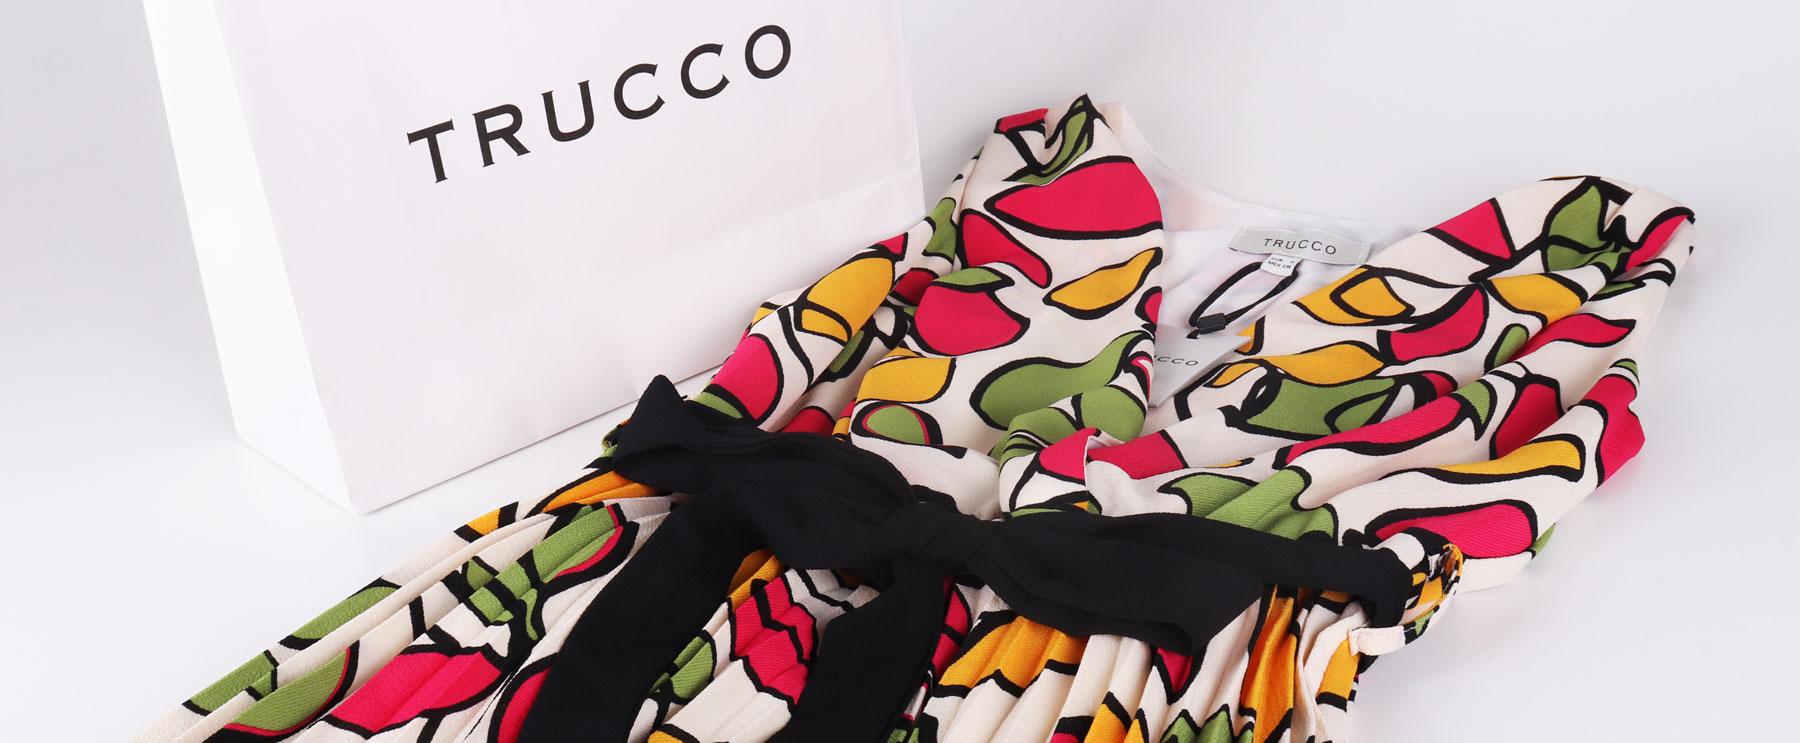 Trucco clothes